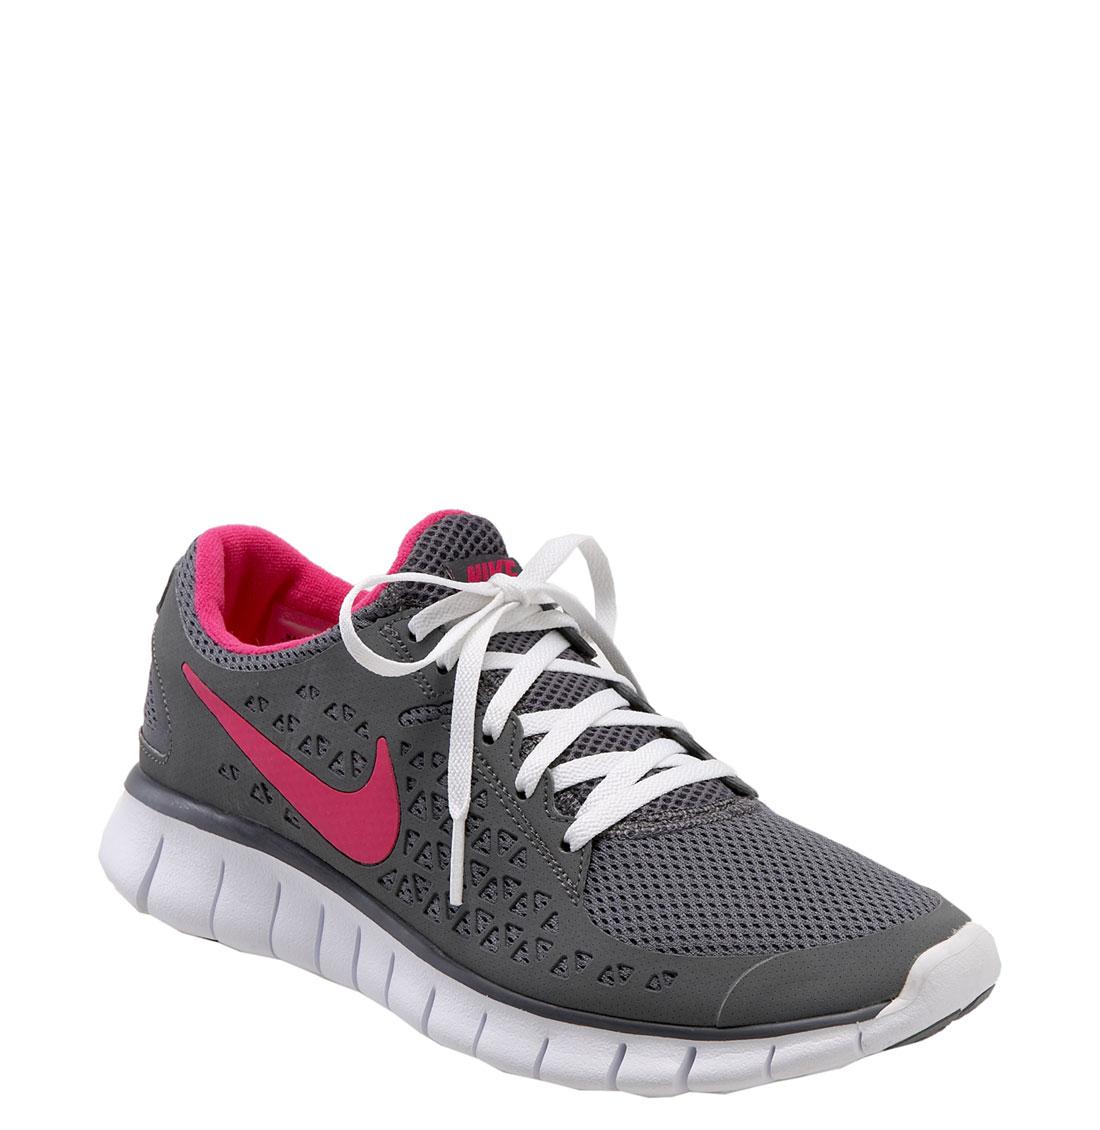 Cool  Womens Nike Roshe One Flyknit Running Shoes Light GreyNavy 677243006